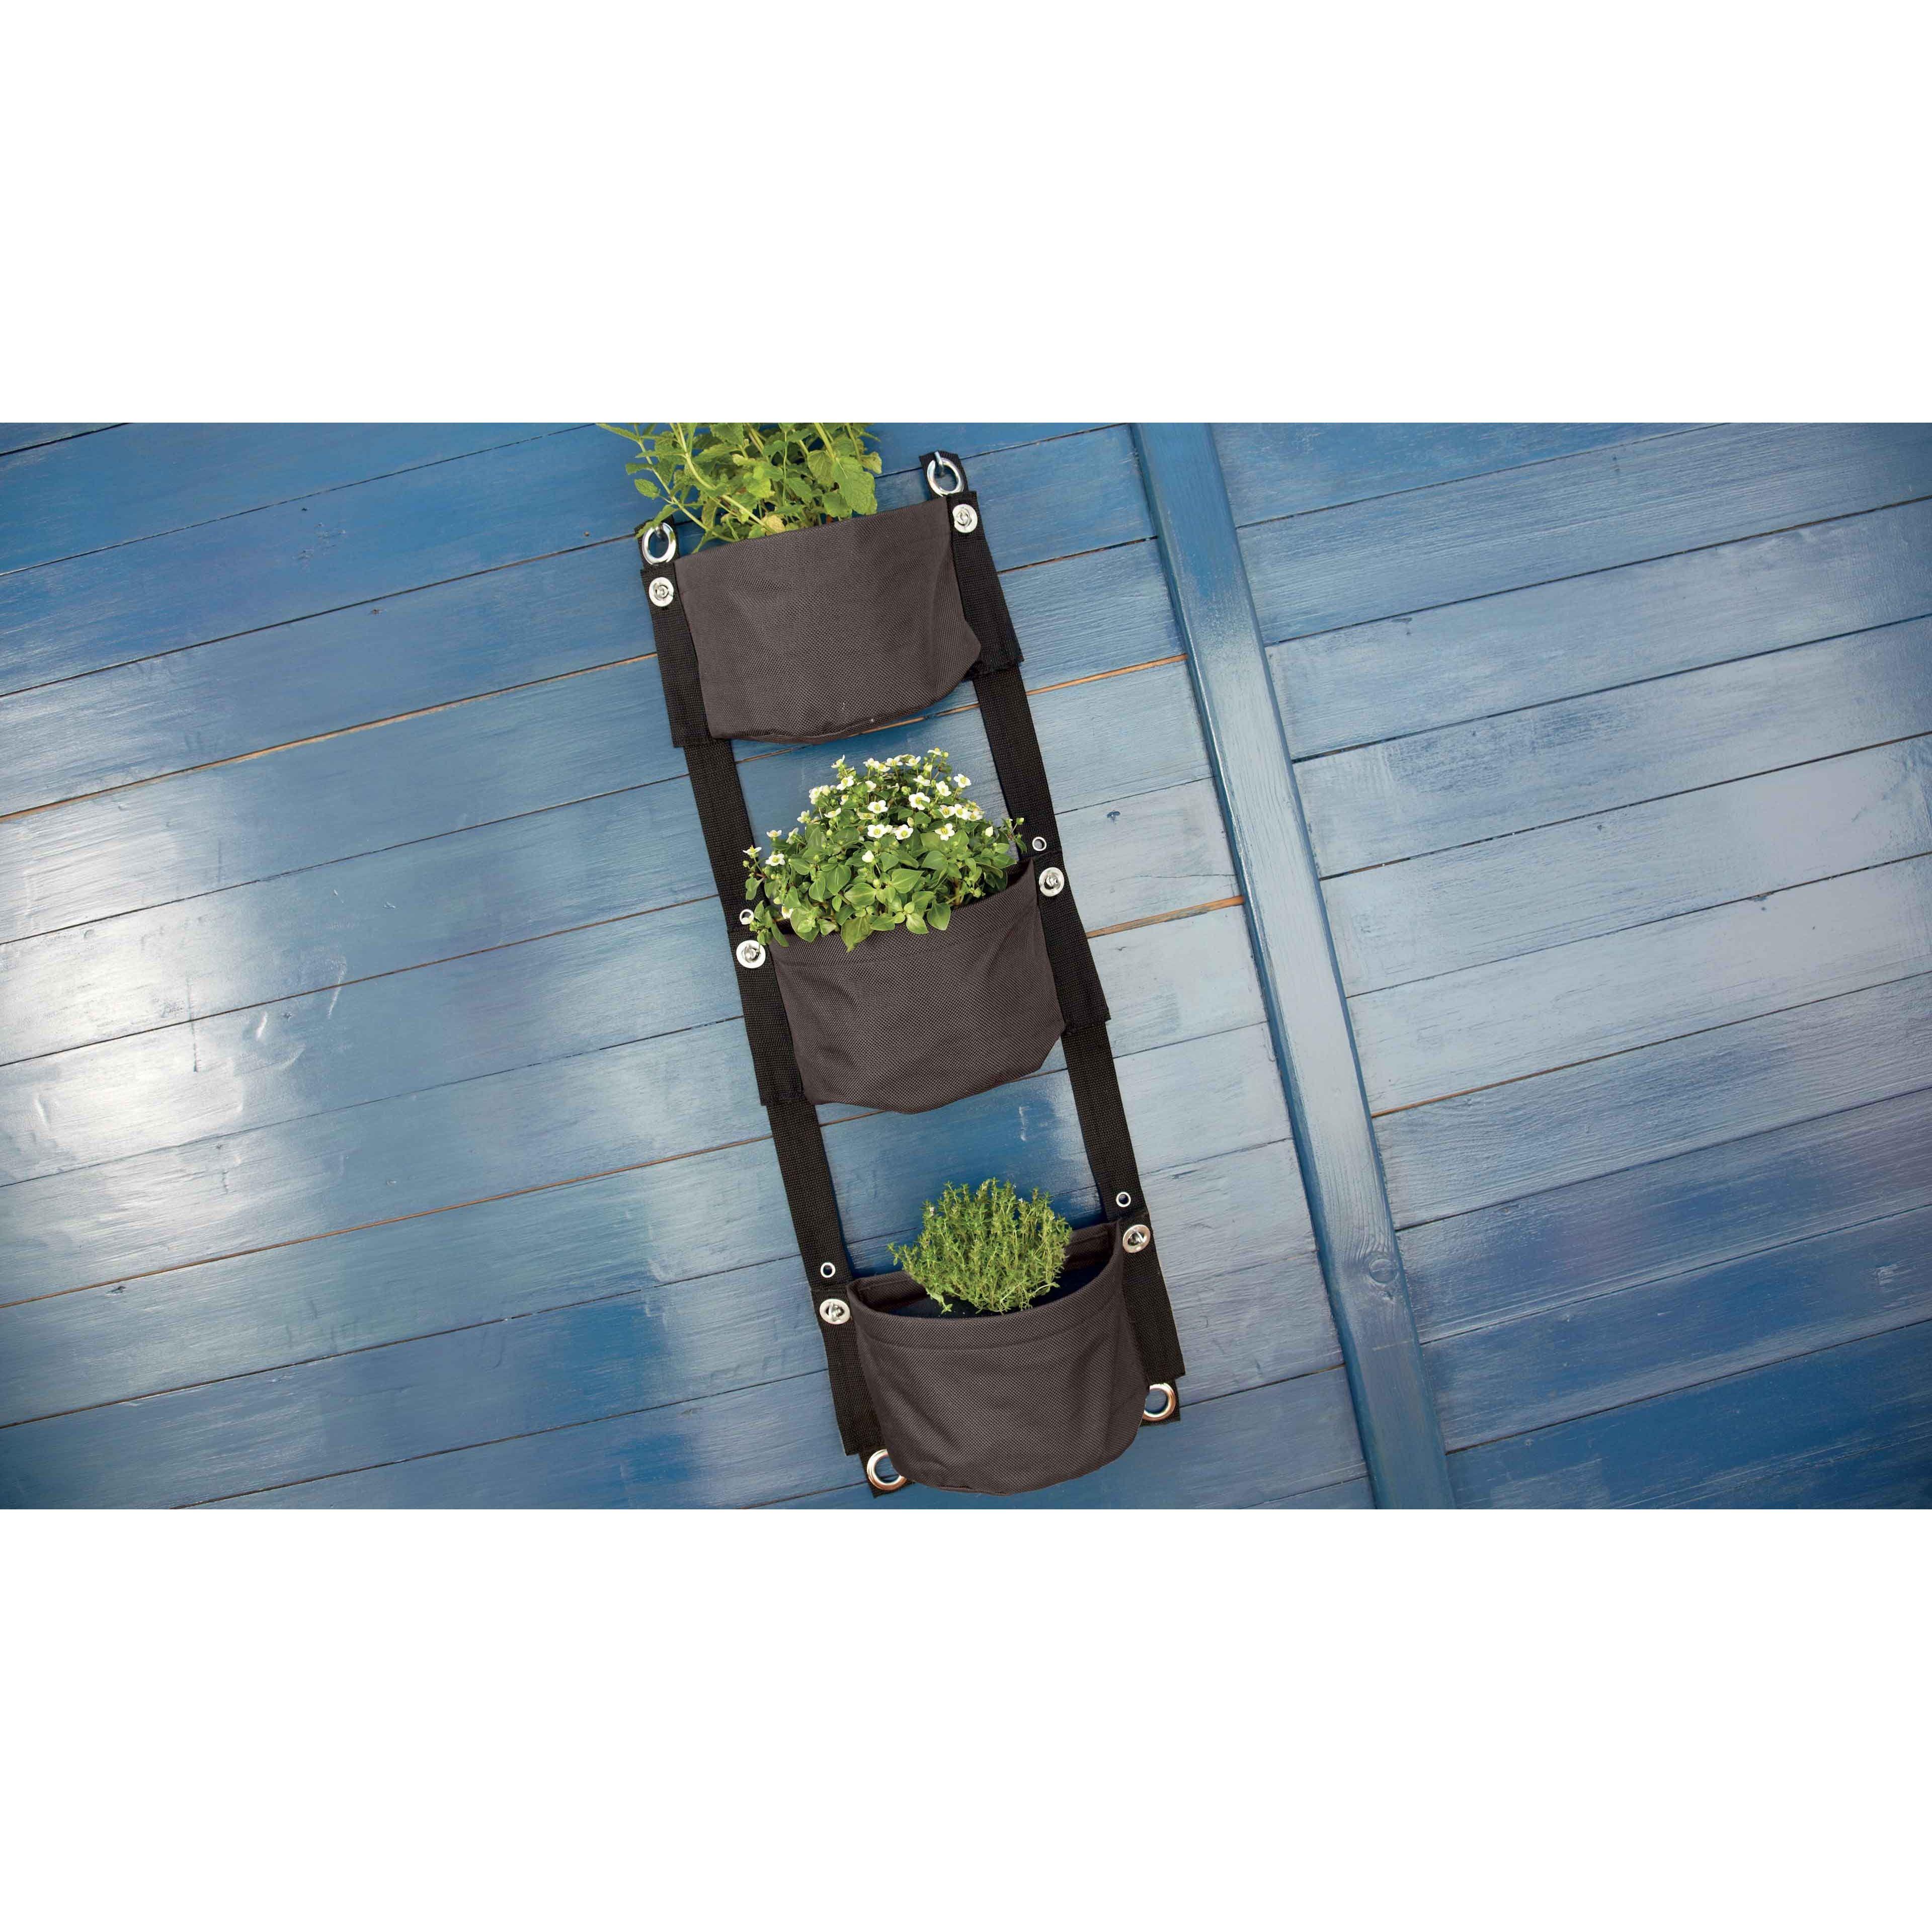 jardini re verticale. Black Bedroom Furniture Sets. Home Design Ideas